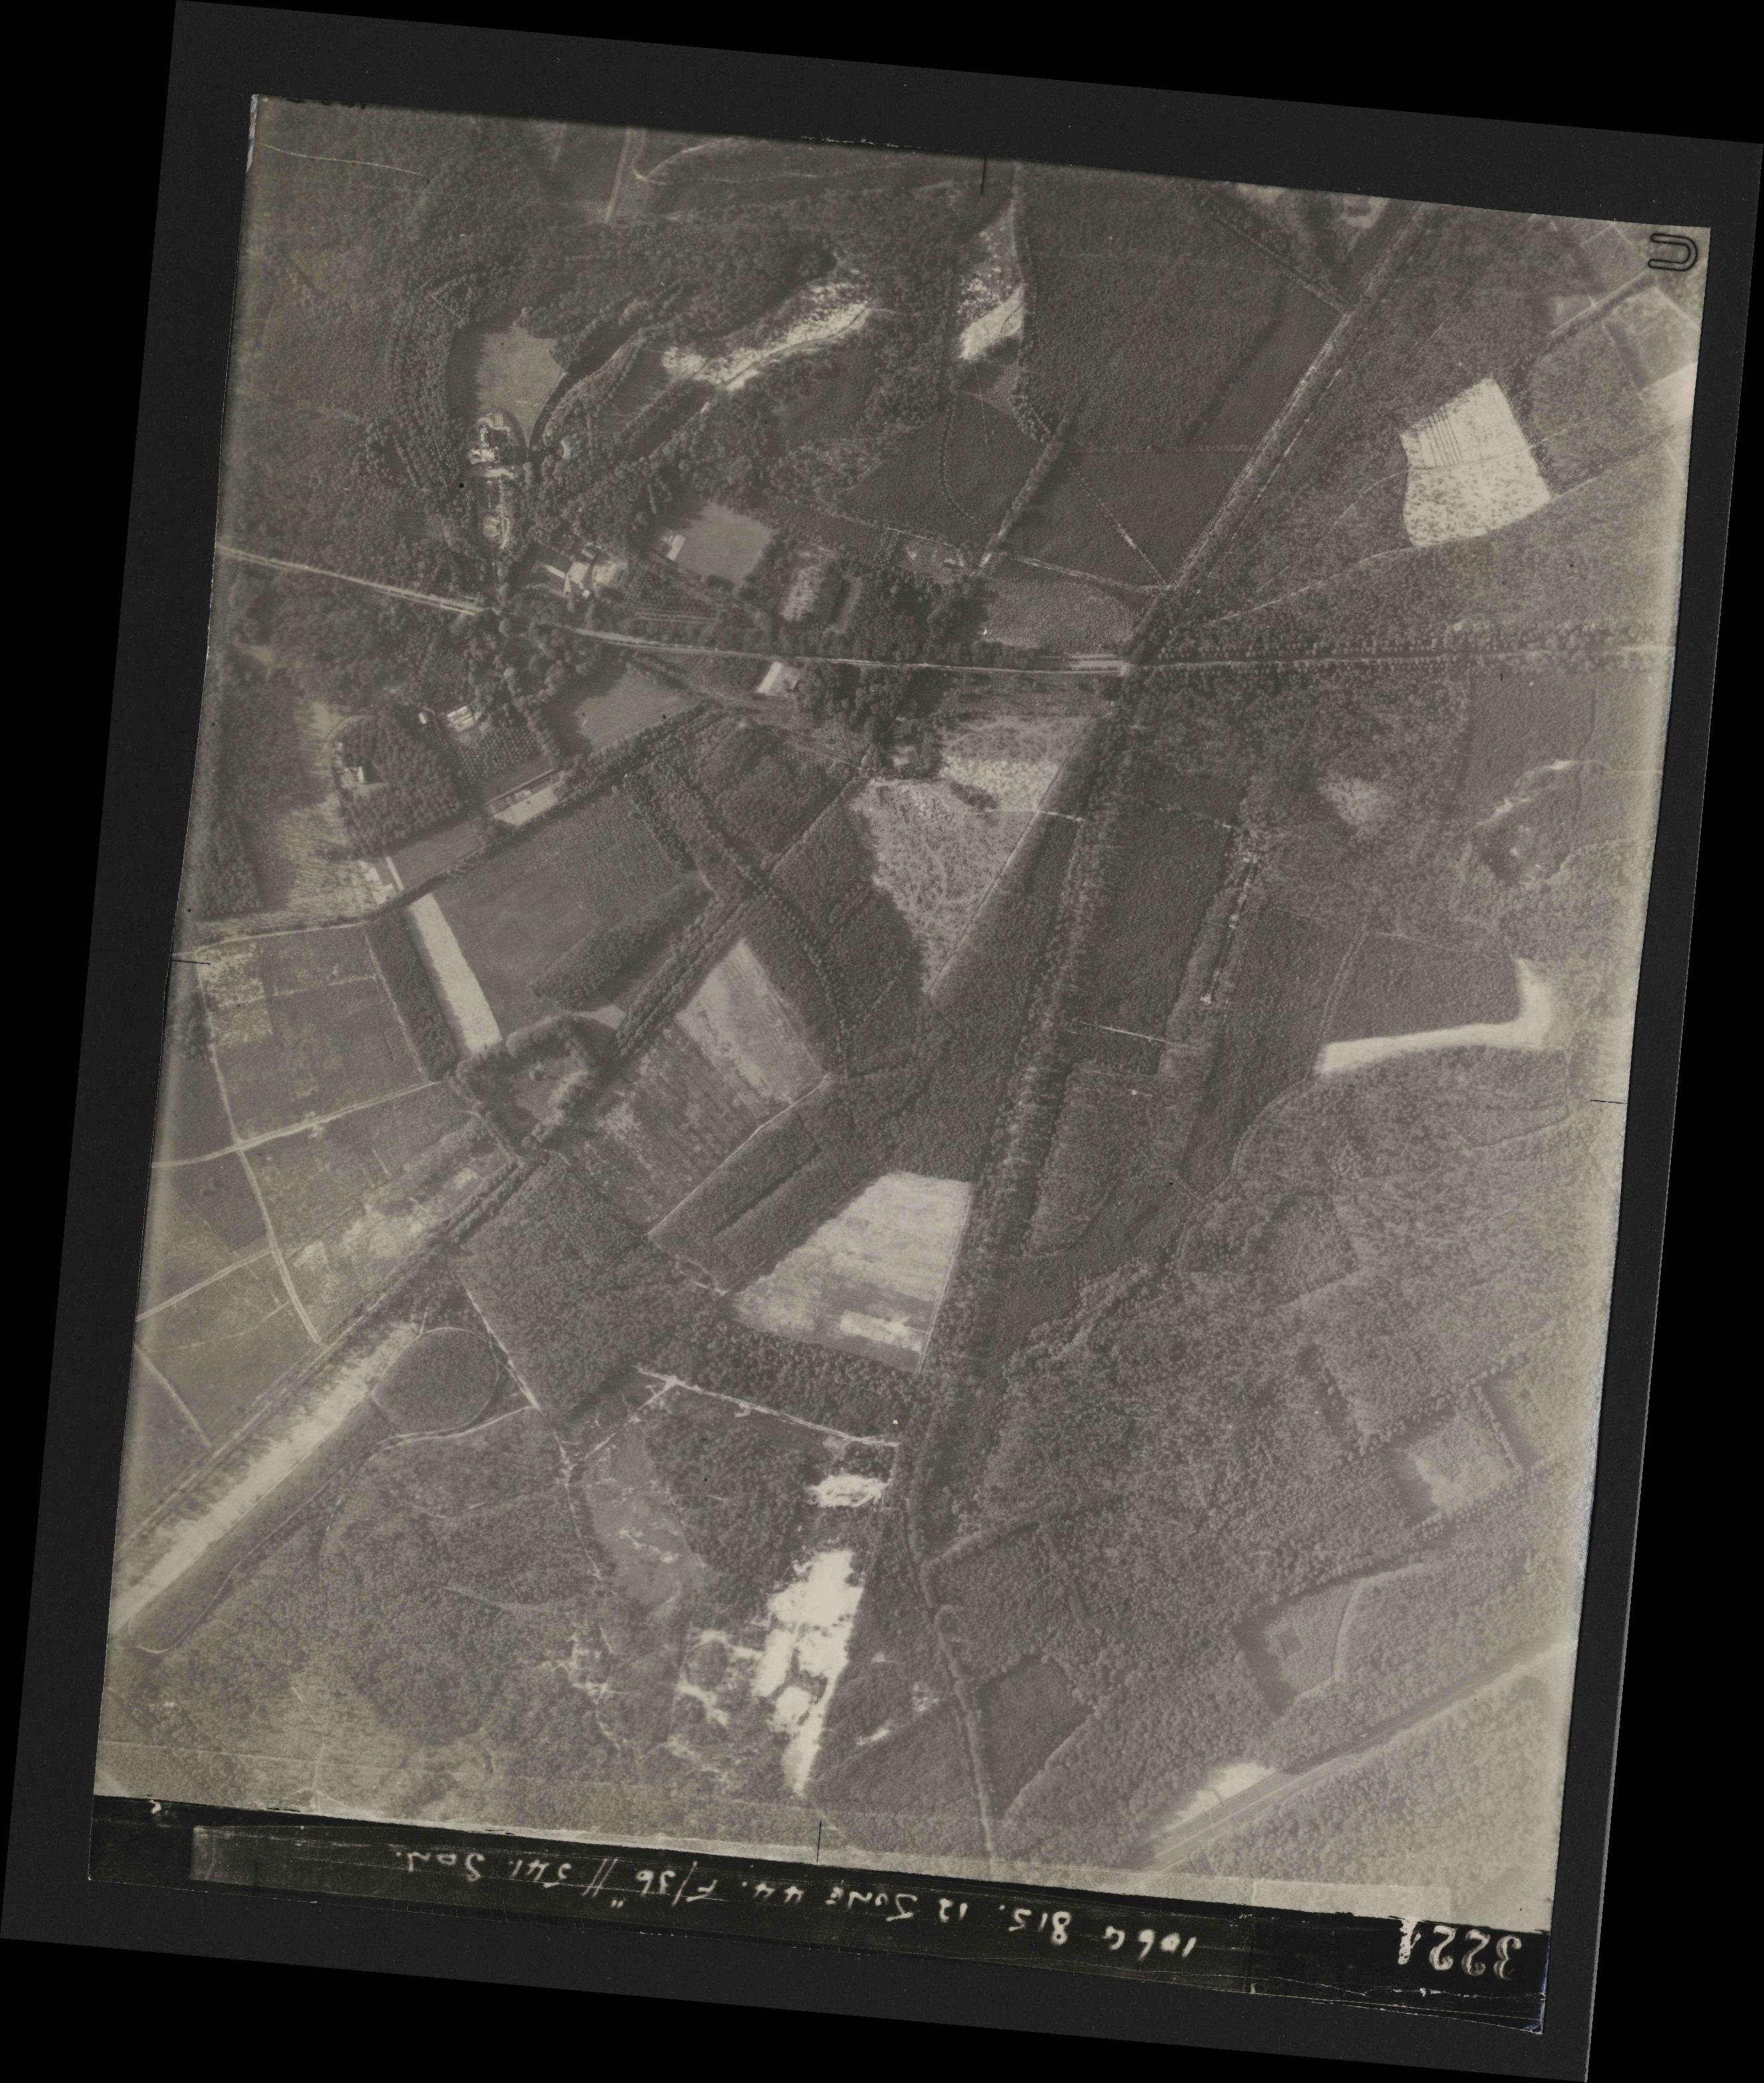 Collection RAF aerial photos 1940-1945 - flight 175, run 06, photo 3224